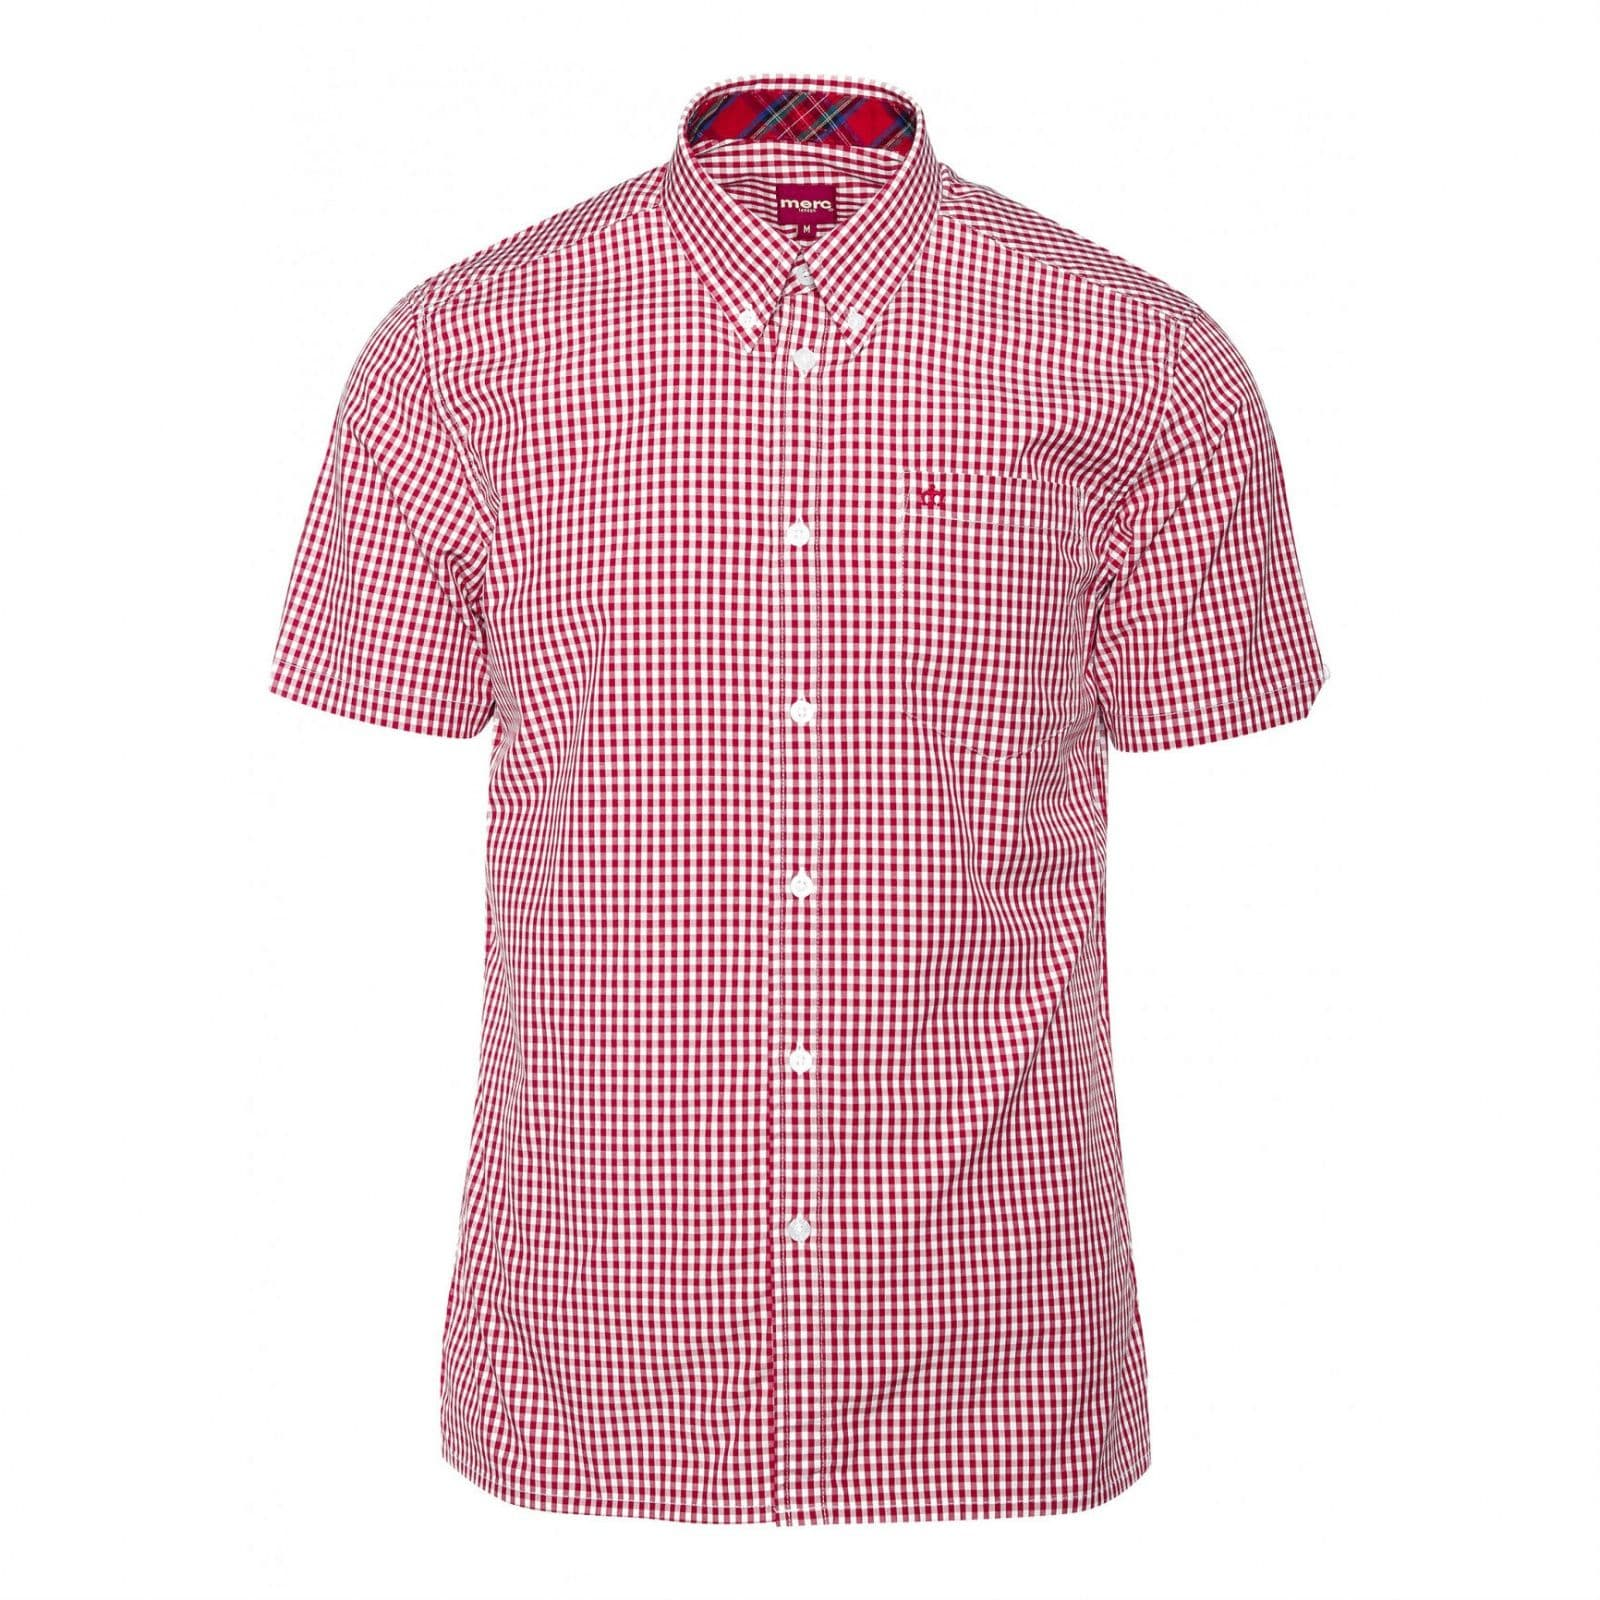 Рубашка TerryКлассические<br>Эта классическая, приталенная рубашка всесезонной базовой линии CORE производится почти в неизменном виде на протяжении десятилетий, символизируя верность Merc своему полувековому наследию и исконному casual стилю. &amp;lt;br /&amp;gt;<br>&amp;lt;br /&amp;gt;<br>Традиционная мелкая двухцветная английская клетка прекрасно сочетается с большинством легких курток, тренчей и парок. Визитная карточка рубашек Merc - воротник &amp;amp;quot;button-down&amp;amp;quot; на пуговицах - делает ее идеальной для комбинации с V-neck свитерами, жилетами и кардиганами.&amp;lt;br /&amp;gt;<br>&amp;lt;br /&amp;gt;<br>Прямой низ позволяет с комфортом заправлять эту рубашку в брюки, джинсы или шорты, хотя ее можно носить и на выпуск: под курткой, блейзером или саму по себе. &amp;lt;br /&amp;gt;<br><br>Артикул: 1507108<br>Материал: 100% хлопок<br>Цвет: красно-белая клетка<br>Пол: Мужской